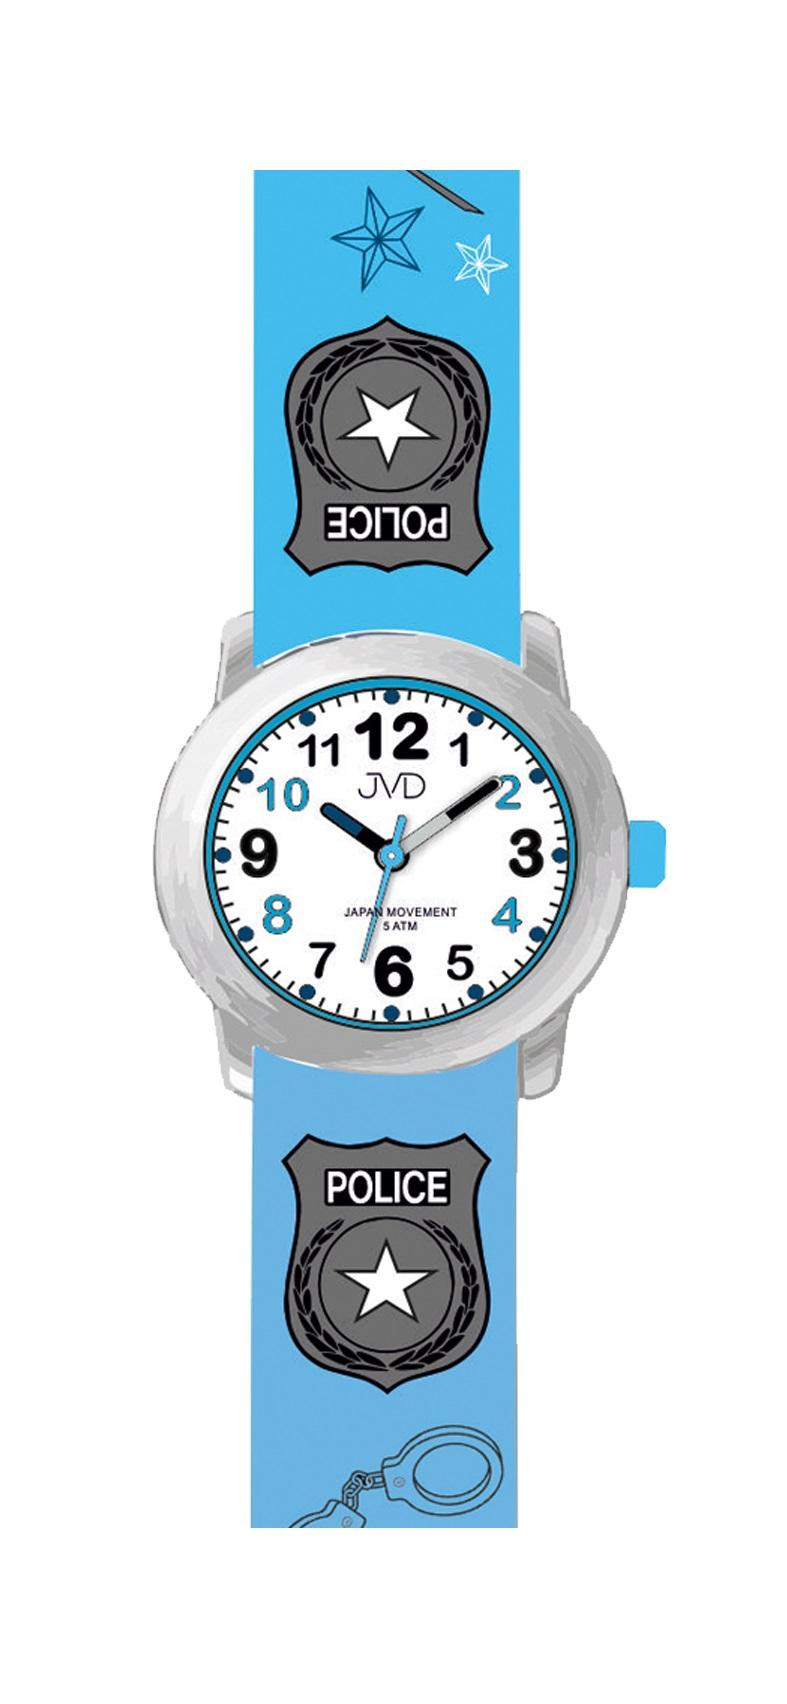 Dětské náramkové chlapecké hodinky JVD J7173.1 pro malého policistu